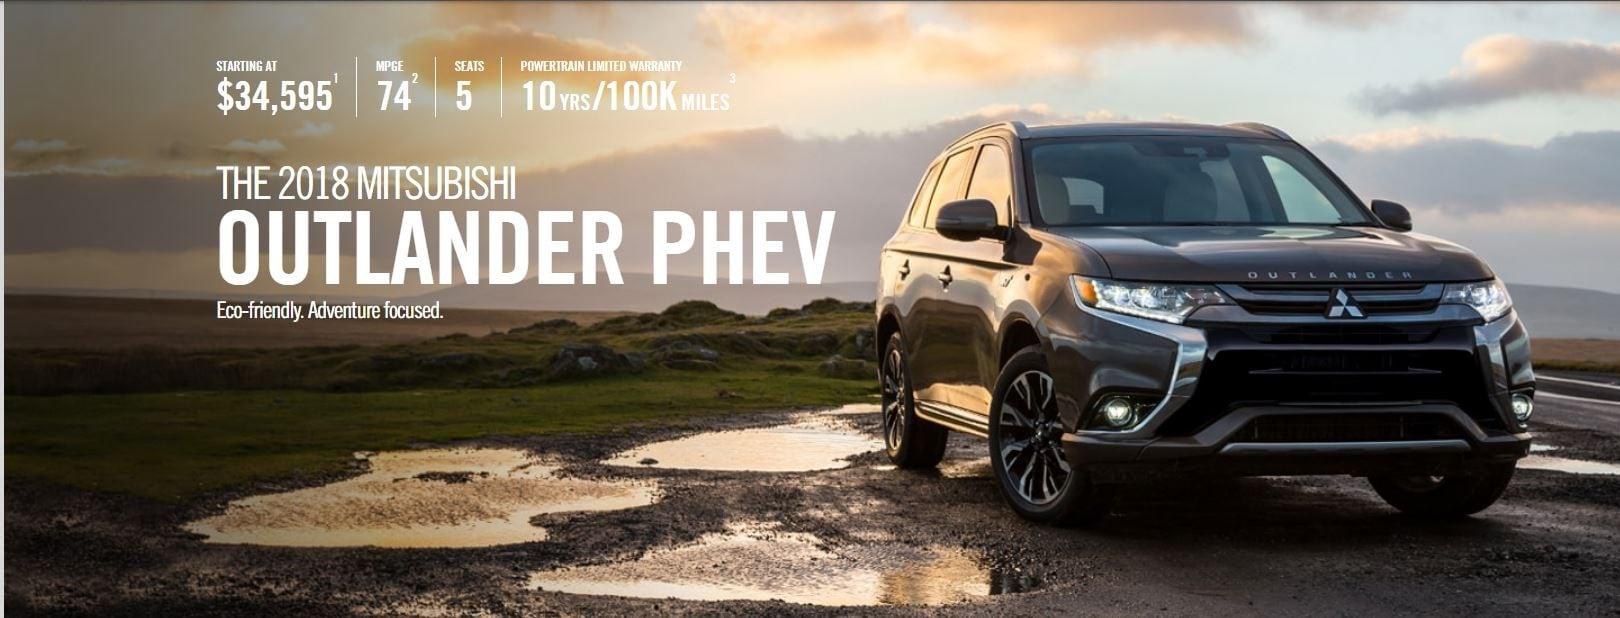 phev outlander mitsubishi dealer new used ny may james cars rome service parts and mitsu